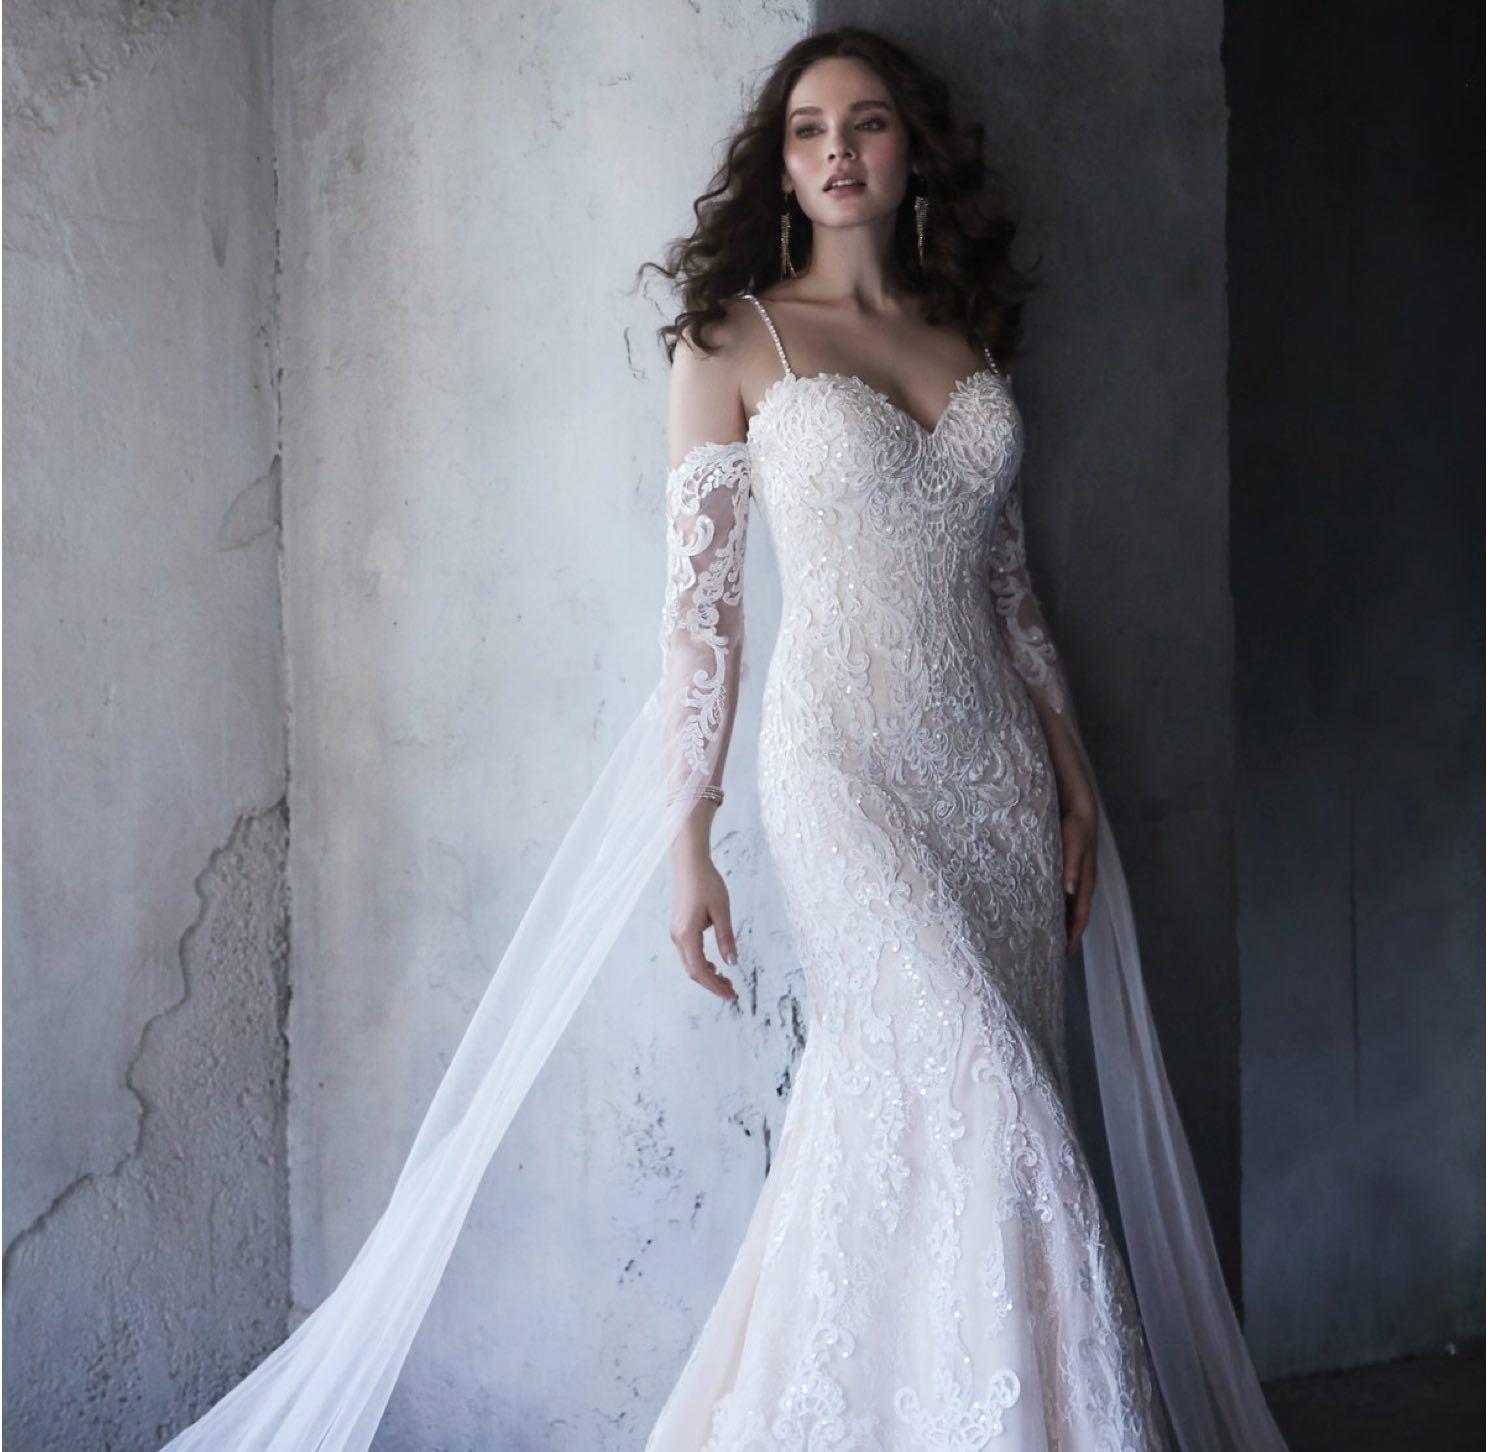 Model wearing a white Morilee dress